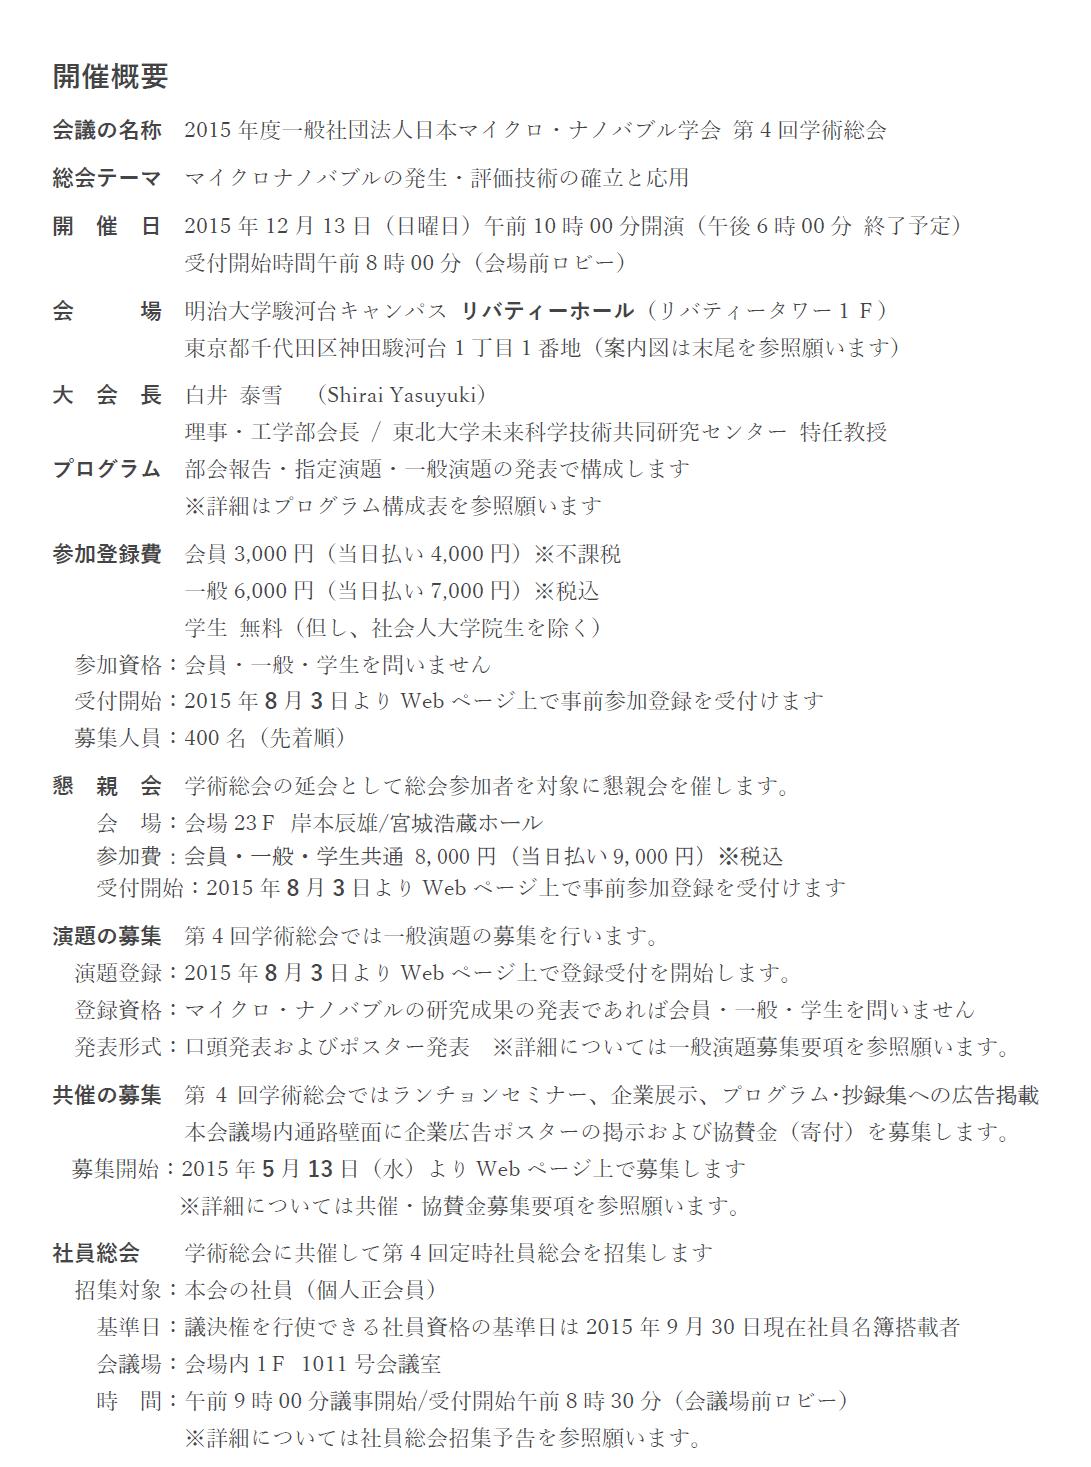 sokai_20150511_2